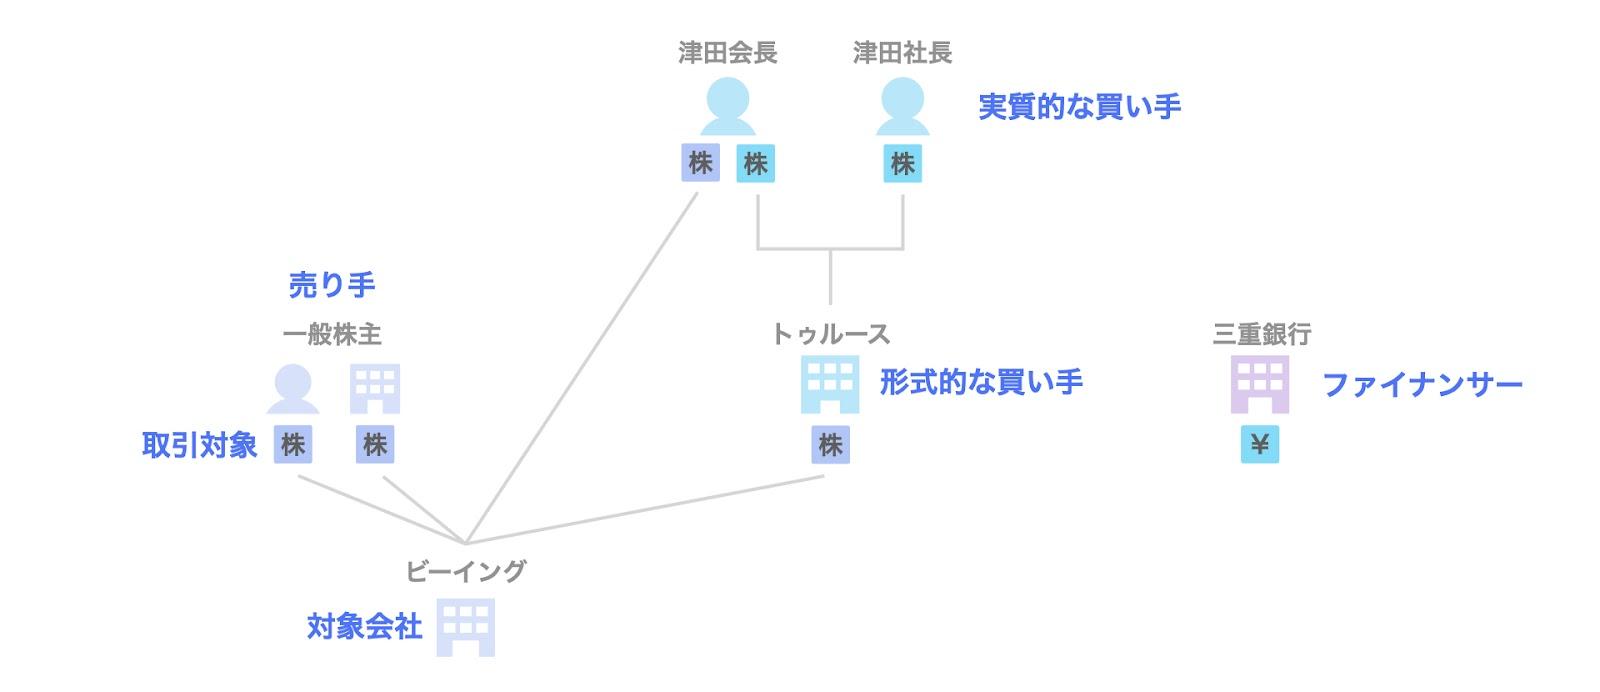 事例1. ビーイングのデットMBO(三重銀行)の関係者